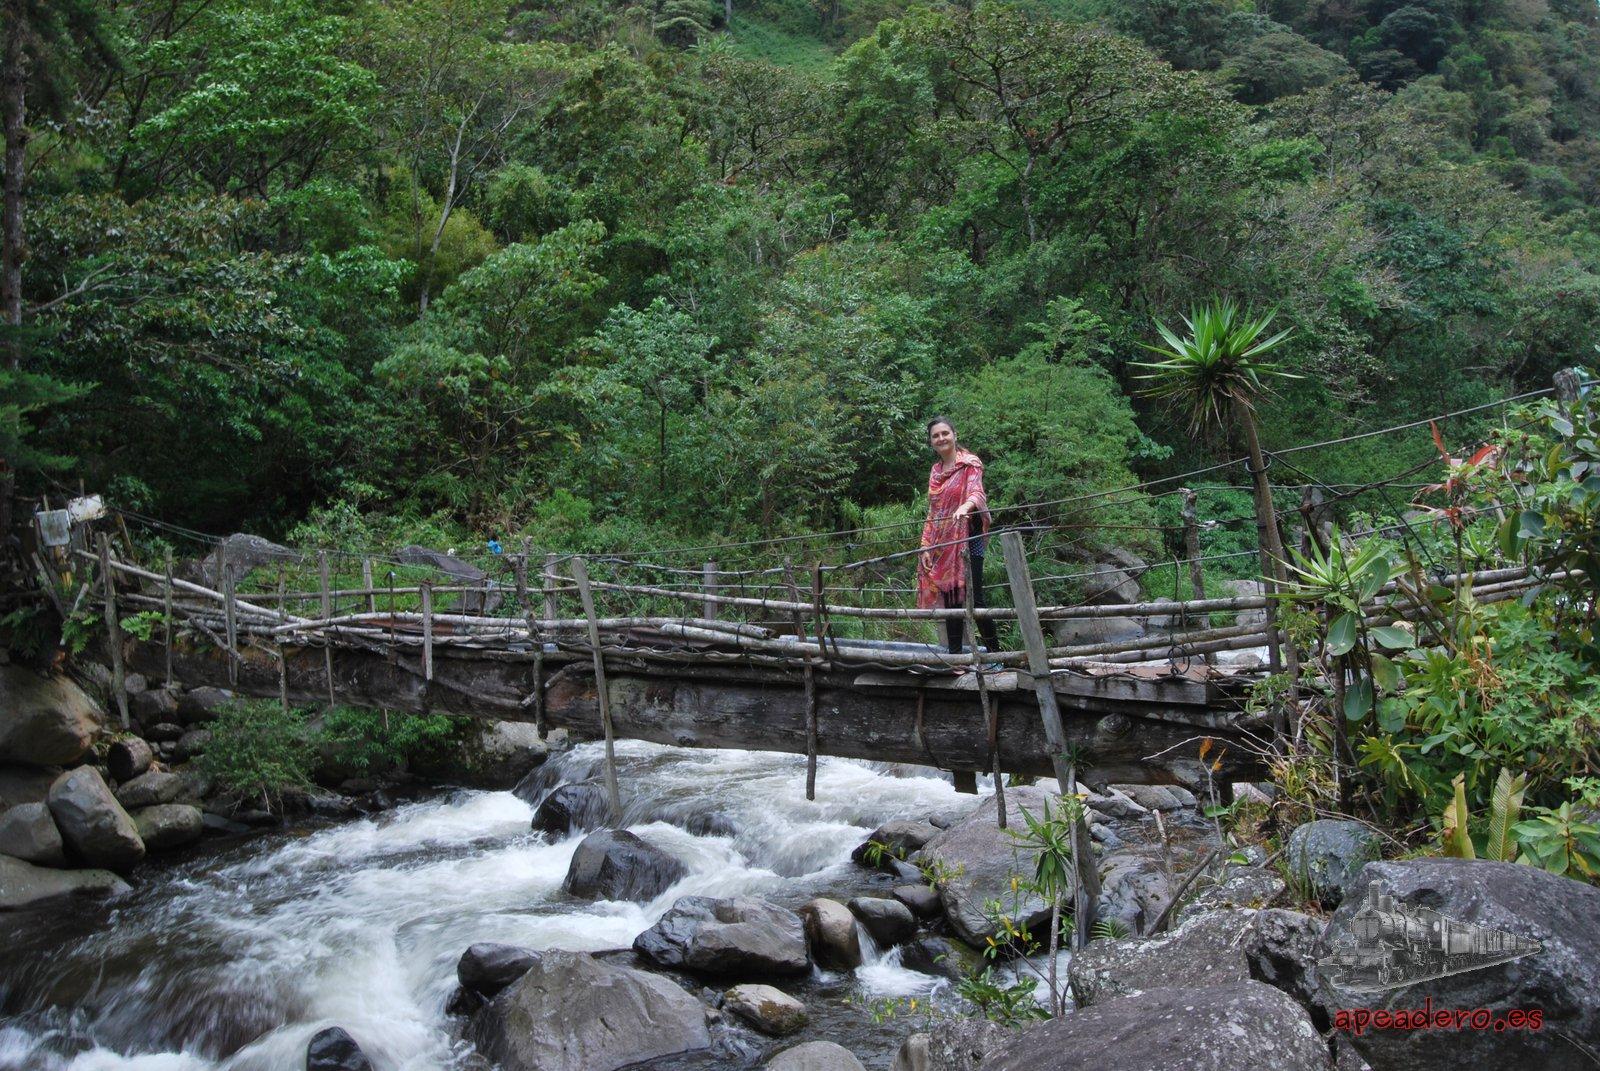 Para acceder a algunas casas y a determinadas plantaciones de café, quizás tengas que cruzar puentes en condiciones más precarias.